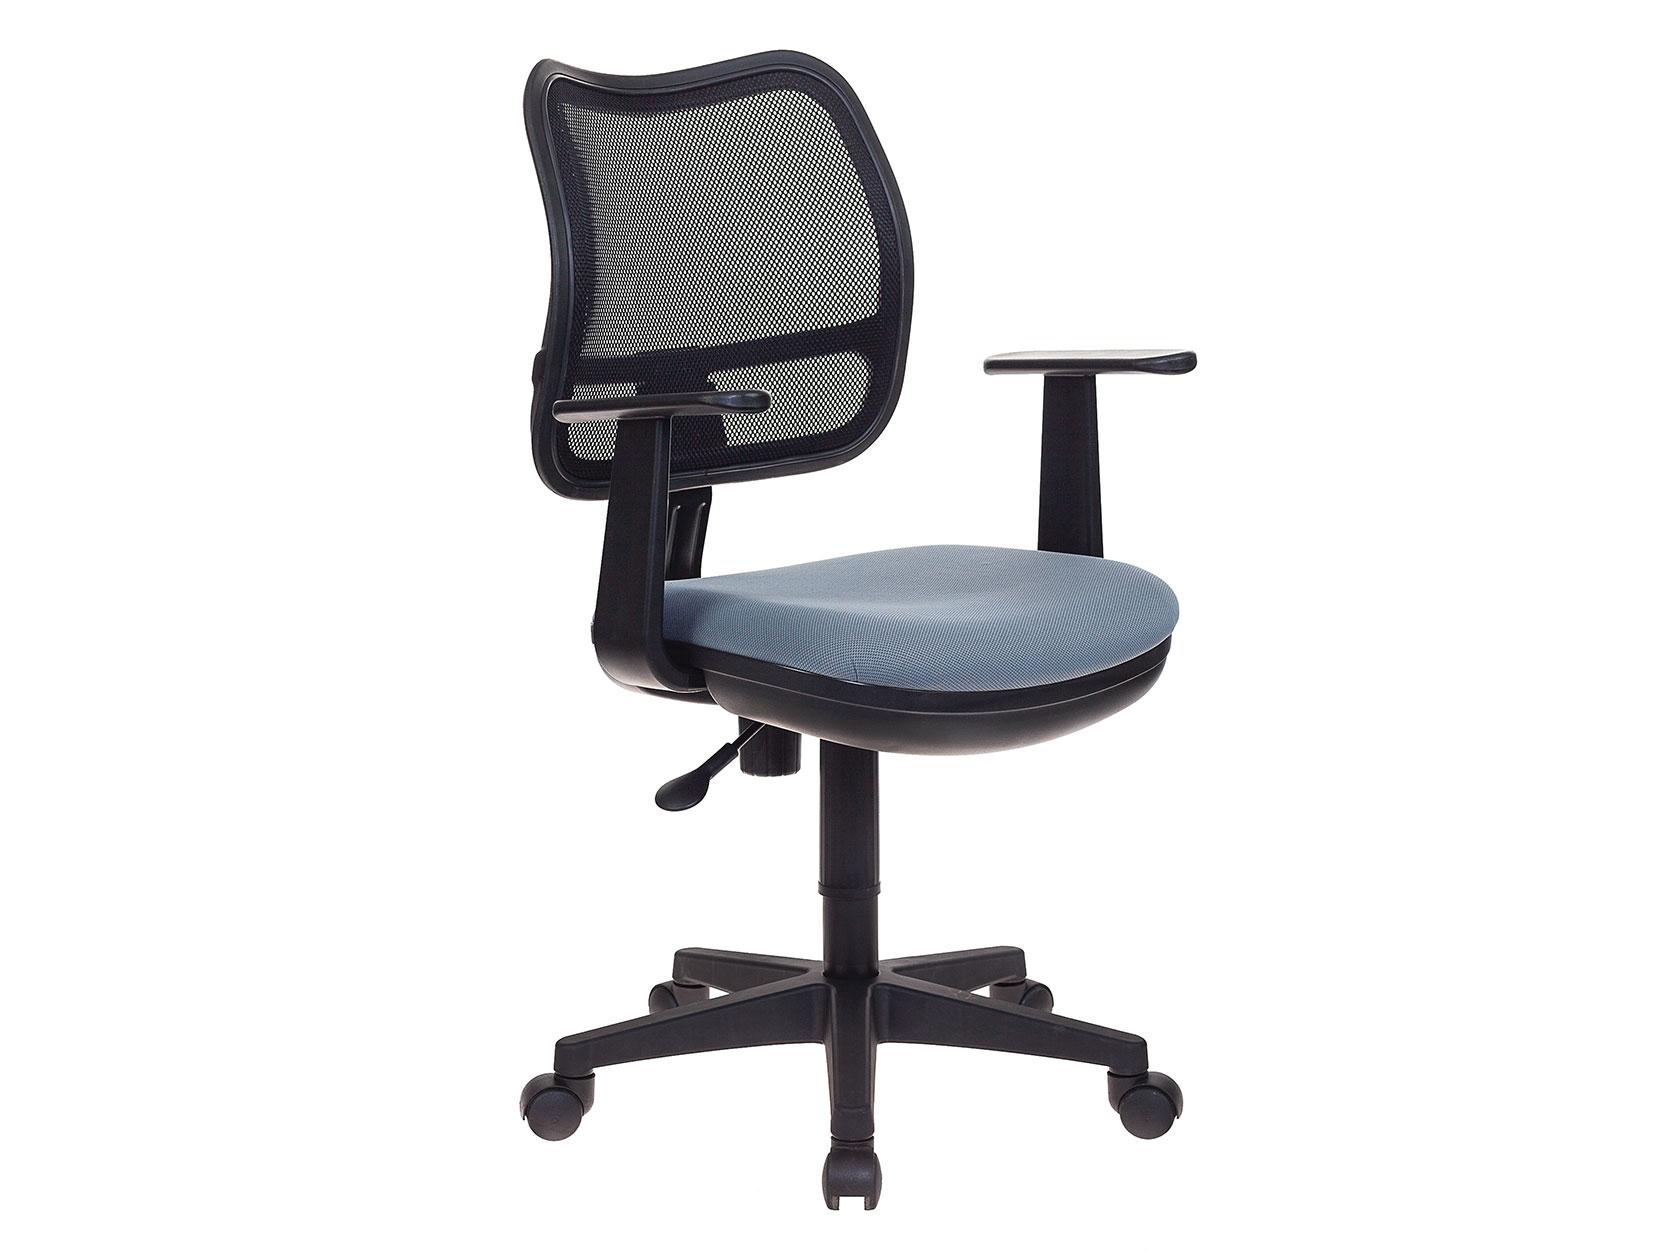 Офисное кресло на колесиках 105-58311